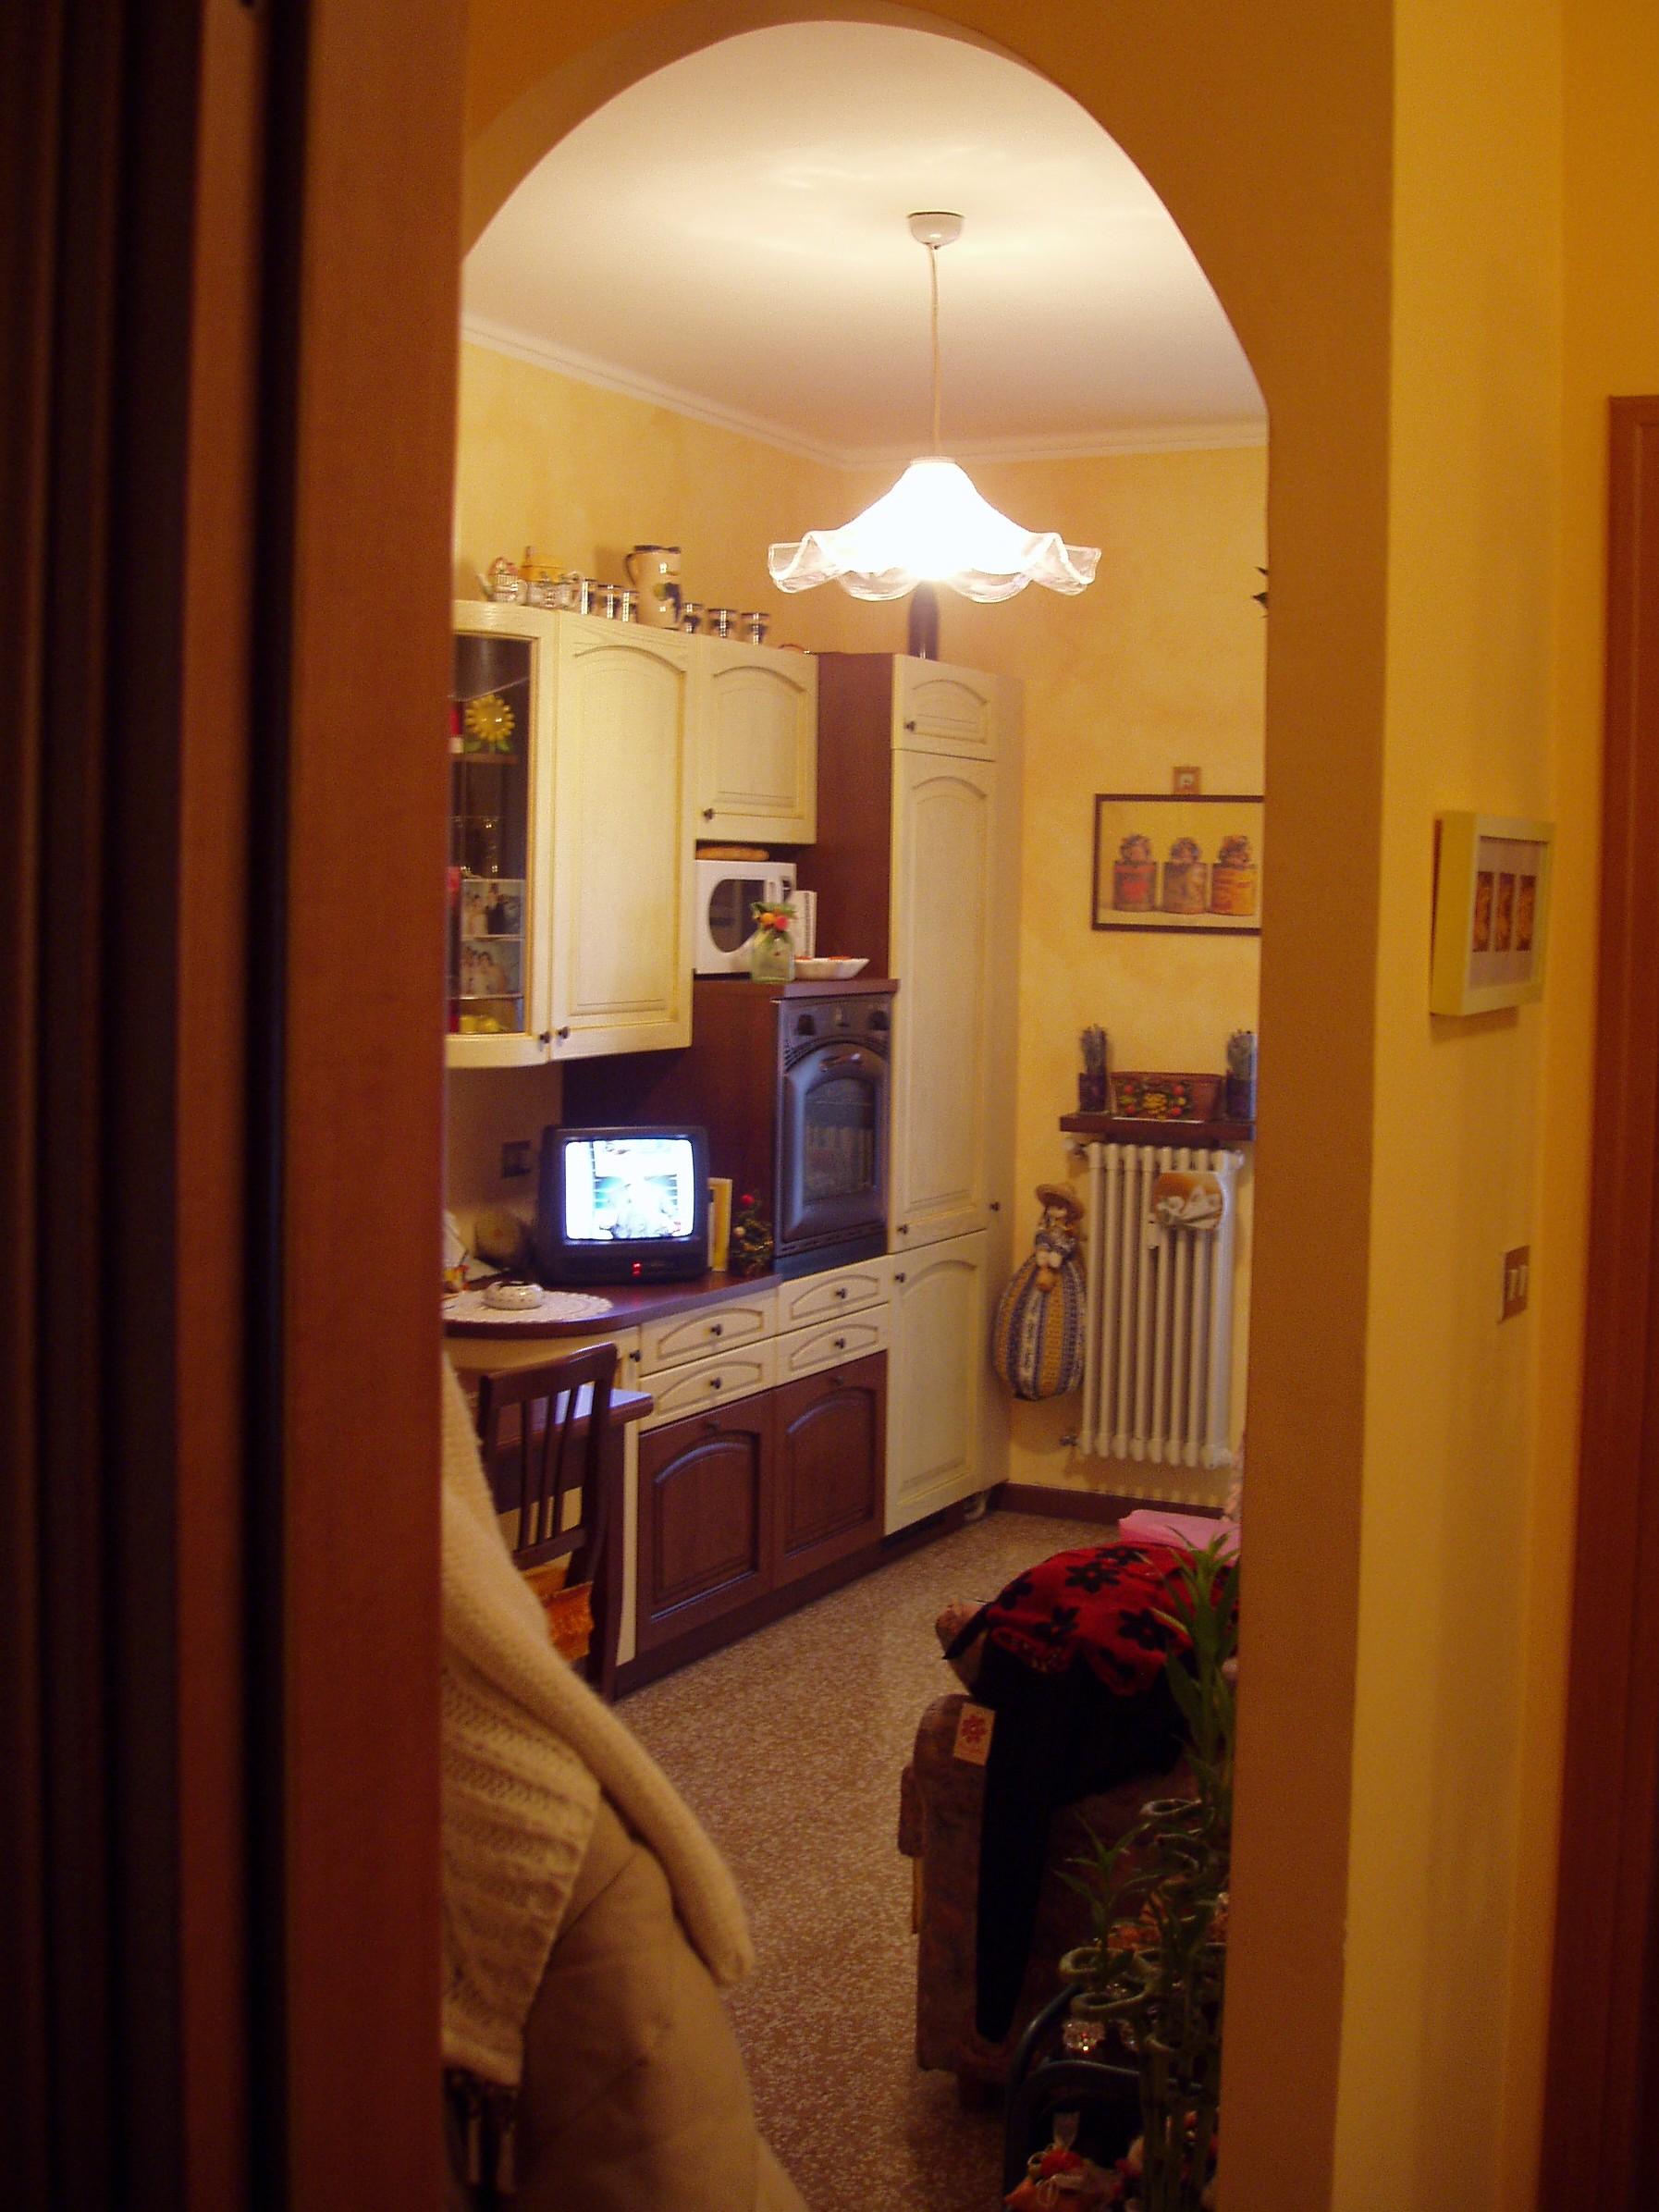 Intonaci ed archi aifaicasa - Archi in cucina ...